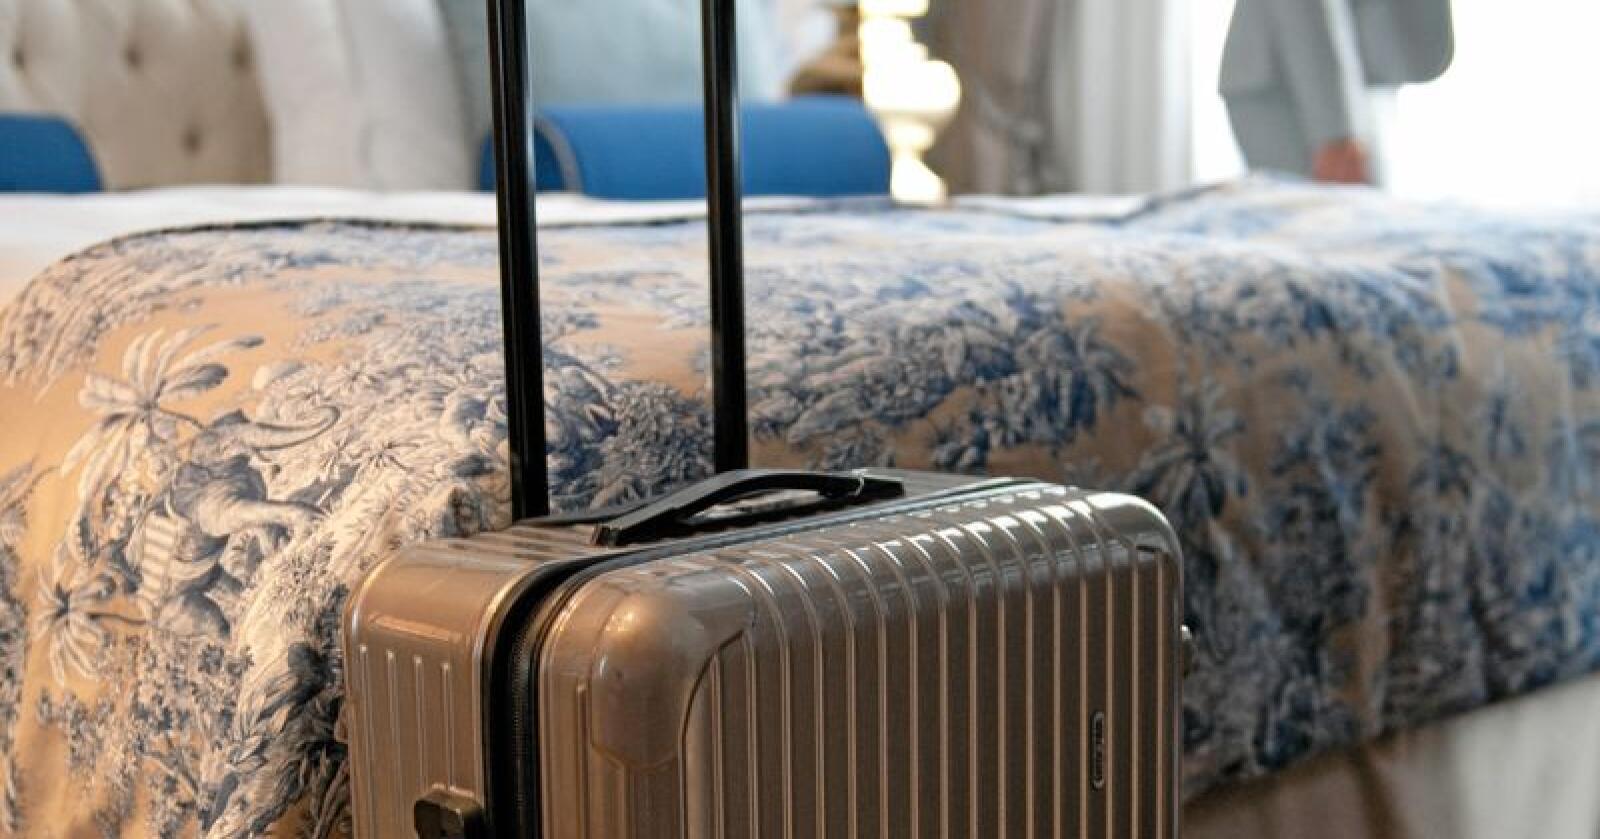 I april var det 1,6 millionar overnattingar ved norske hotell. Foto: Jan Haas / NTB scanpix / NP